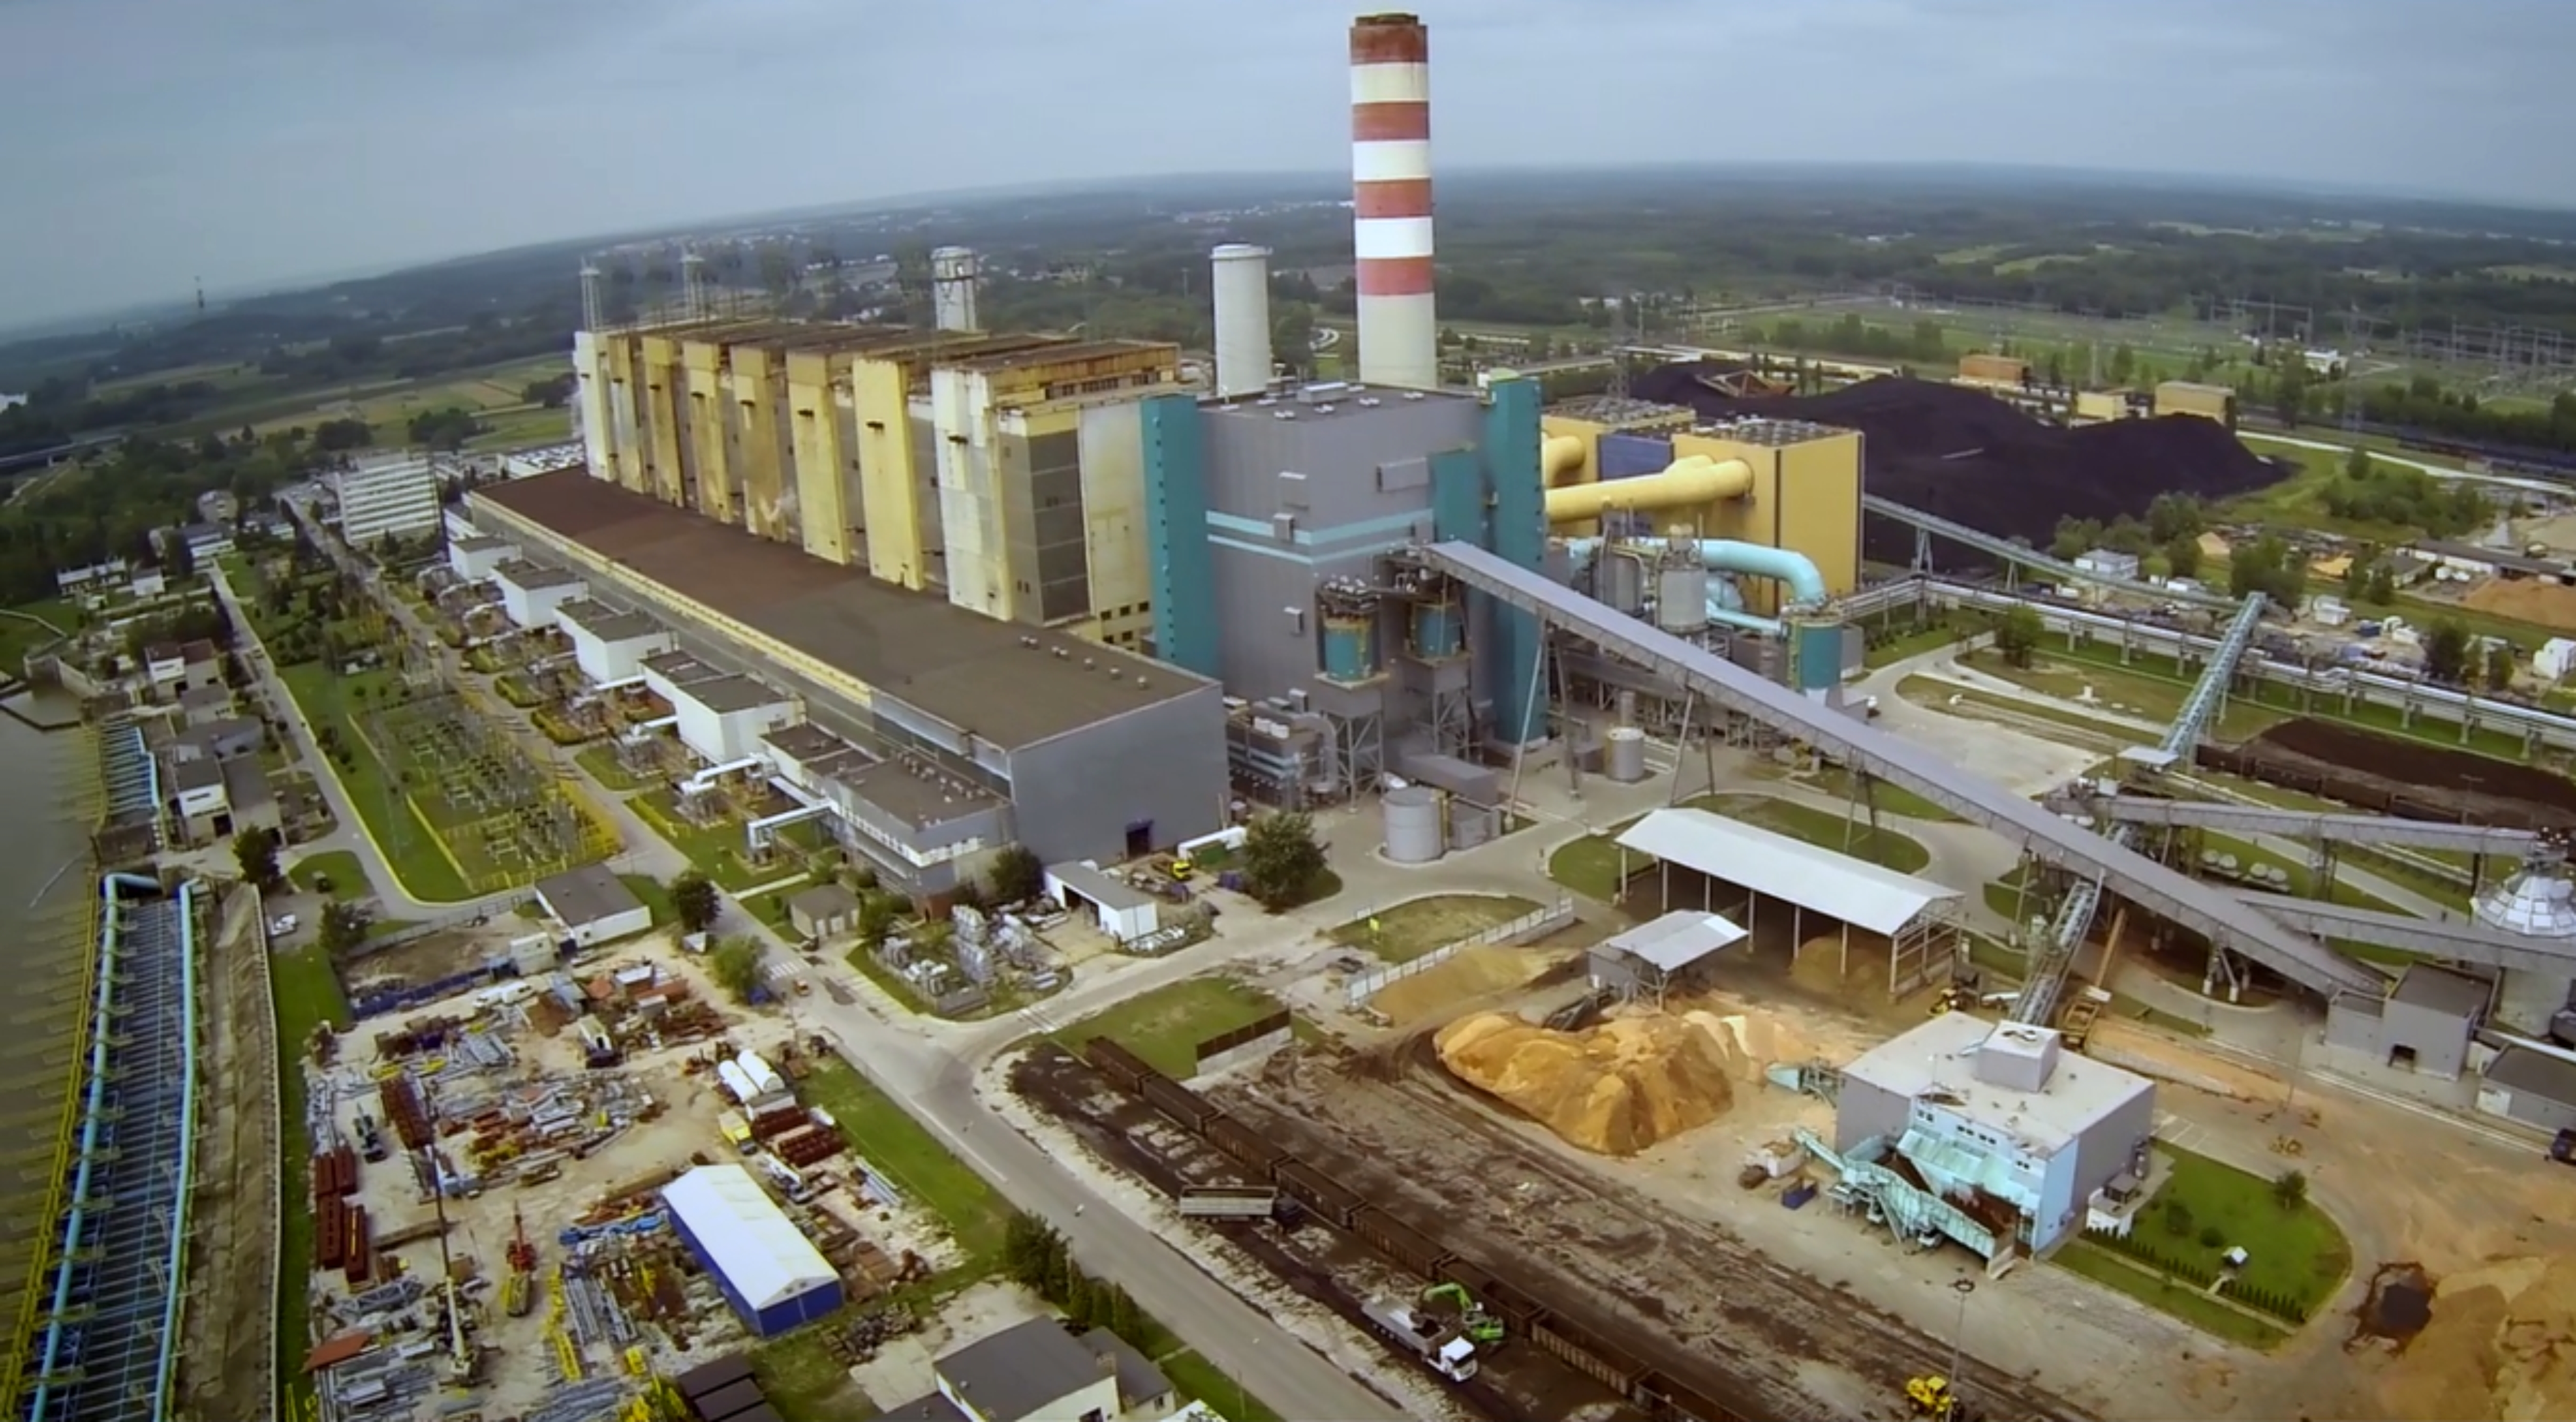 Enea_Elektrownia_Połaniec_Spółka_Akcyjna.jpg